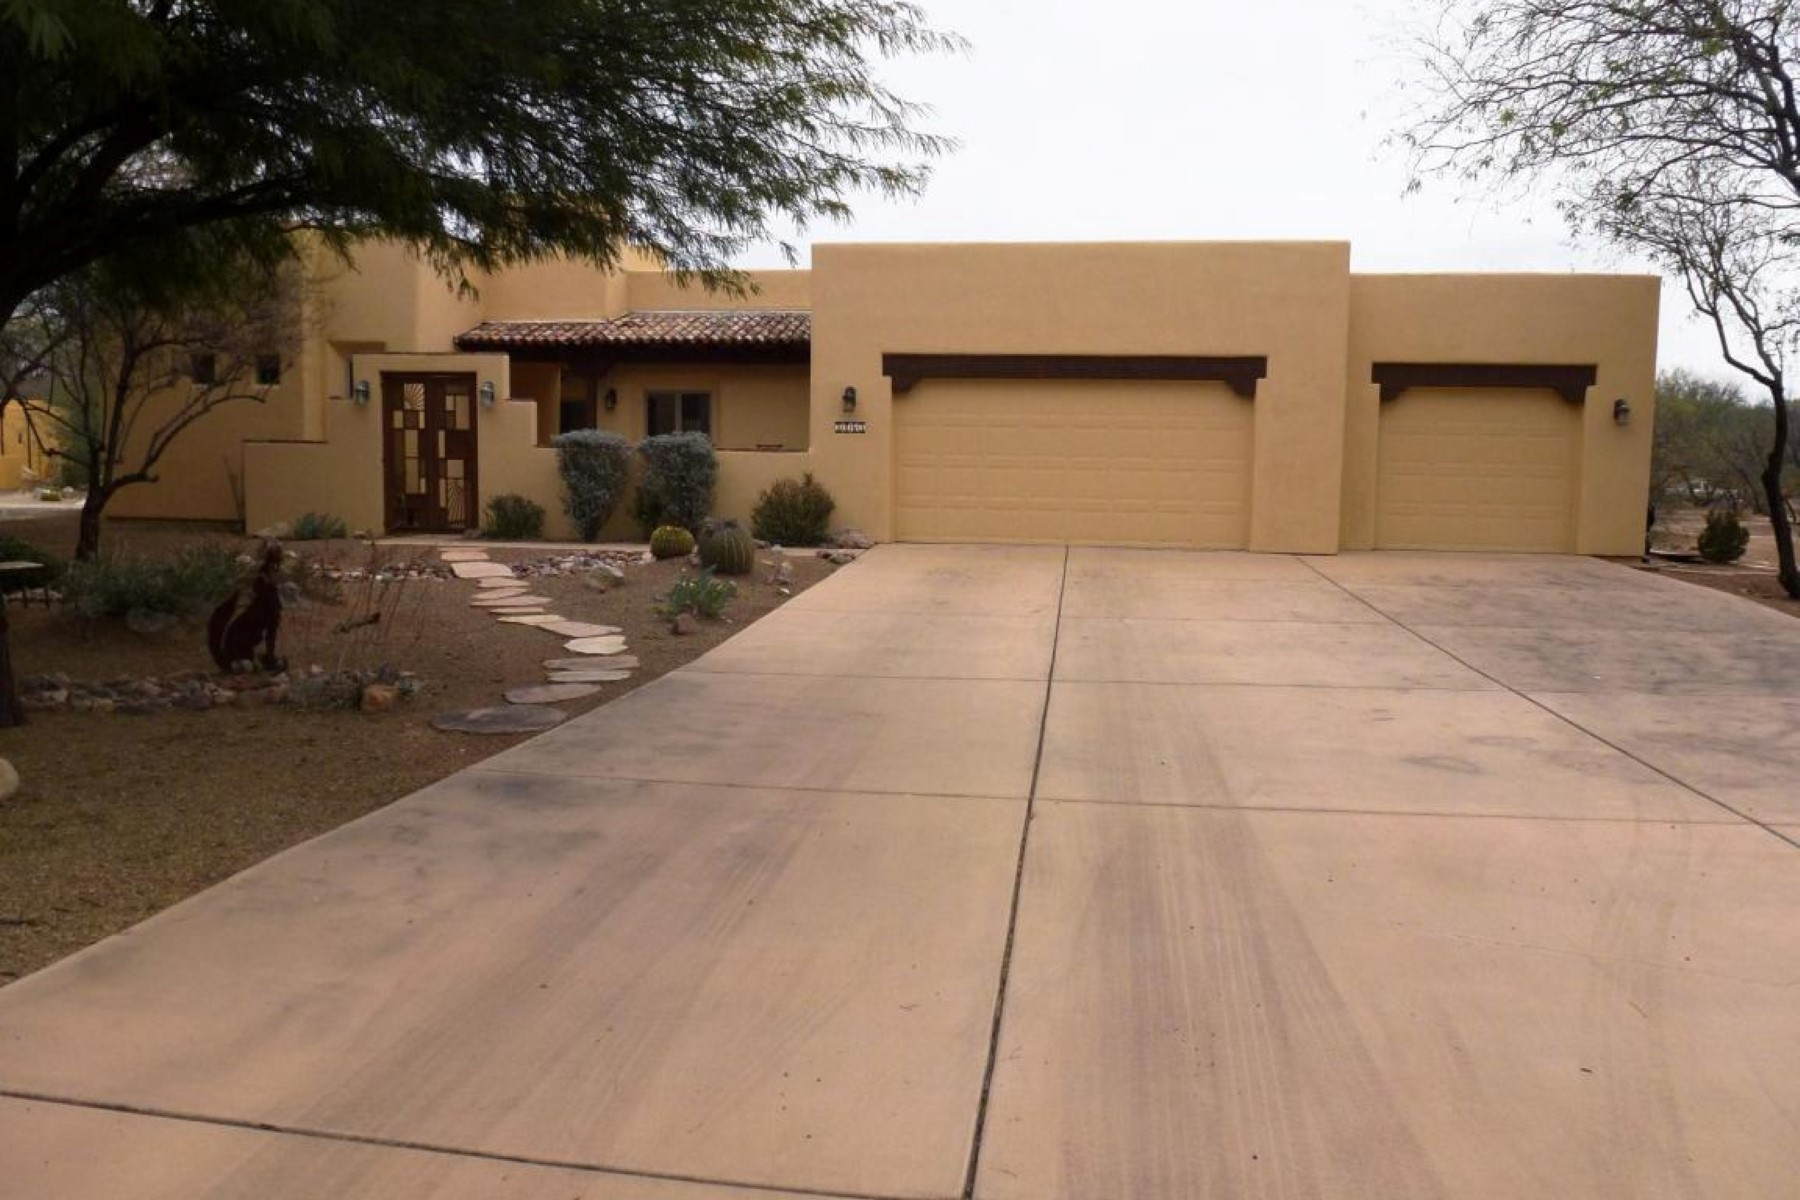 独户住宅 为 销售 在 Beautiful Dorn Hacienda on a rare lot 2163 Corte Bautista 图巴克, 亚利桑那州, 85646 美国